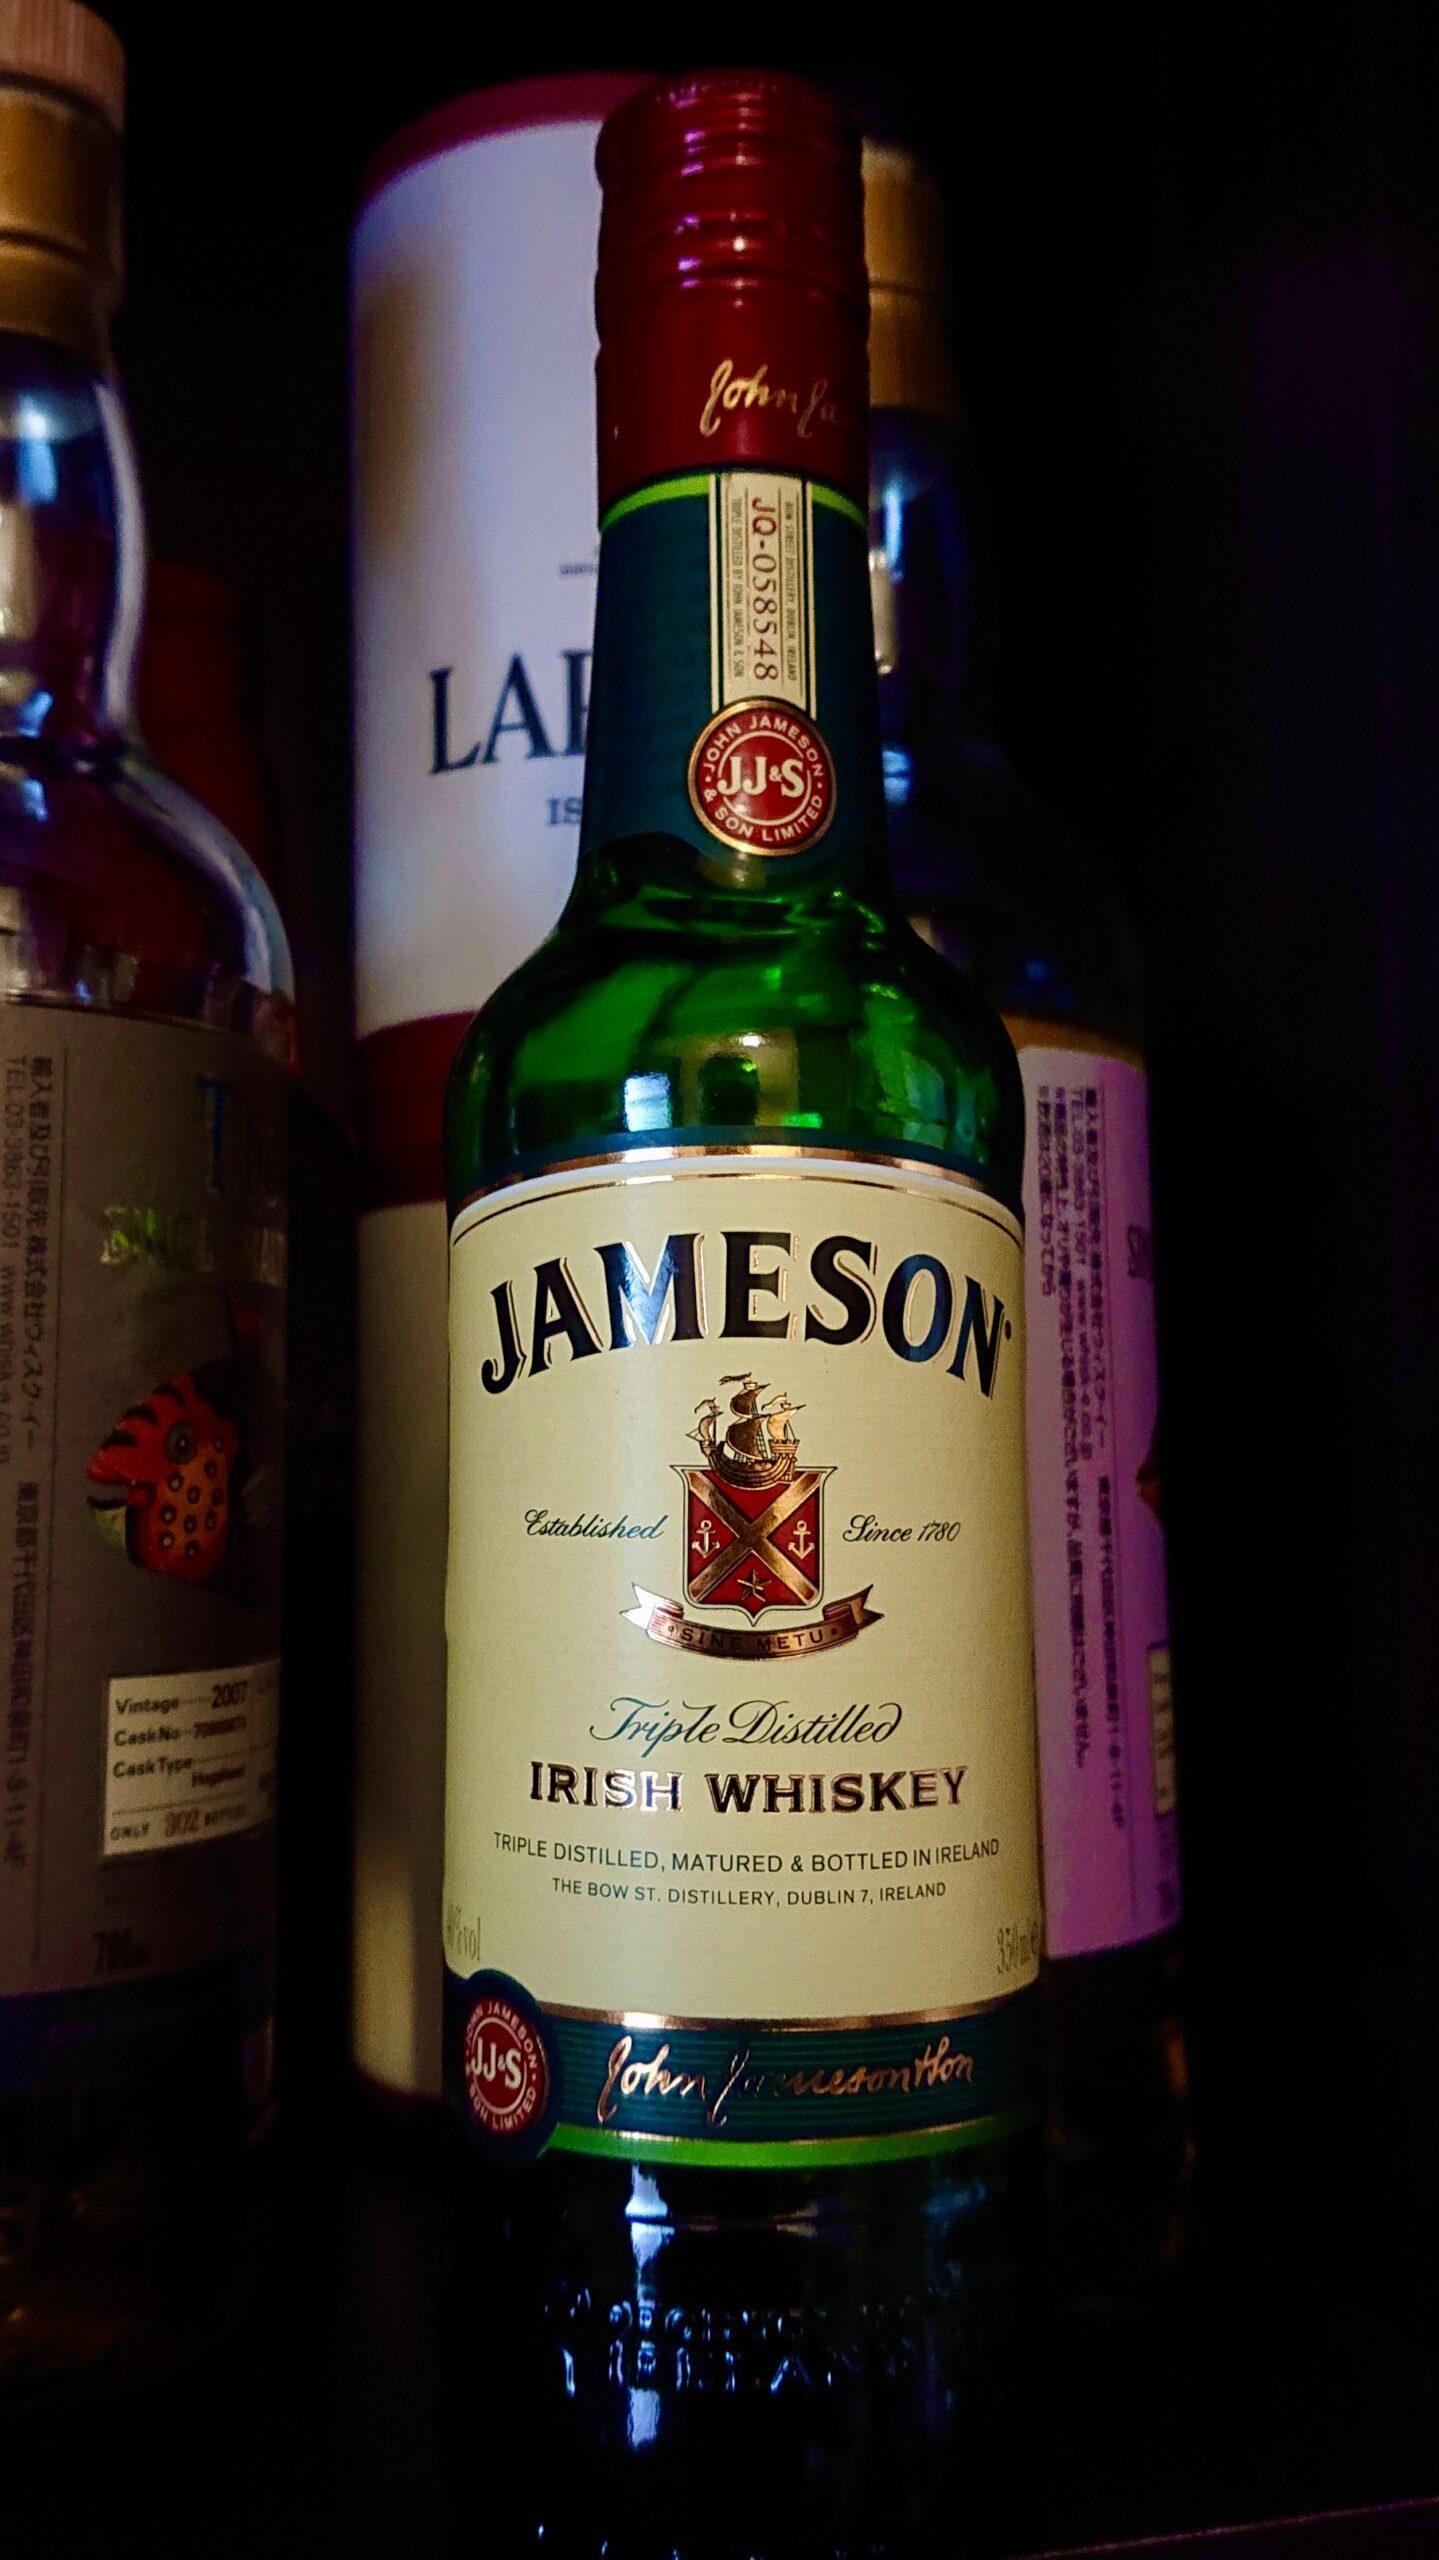 ジェムソンのテイスティング&レビュー・アイリッシュウイスキーの大定番!万人に愛される癒しのコスパ酒